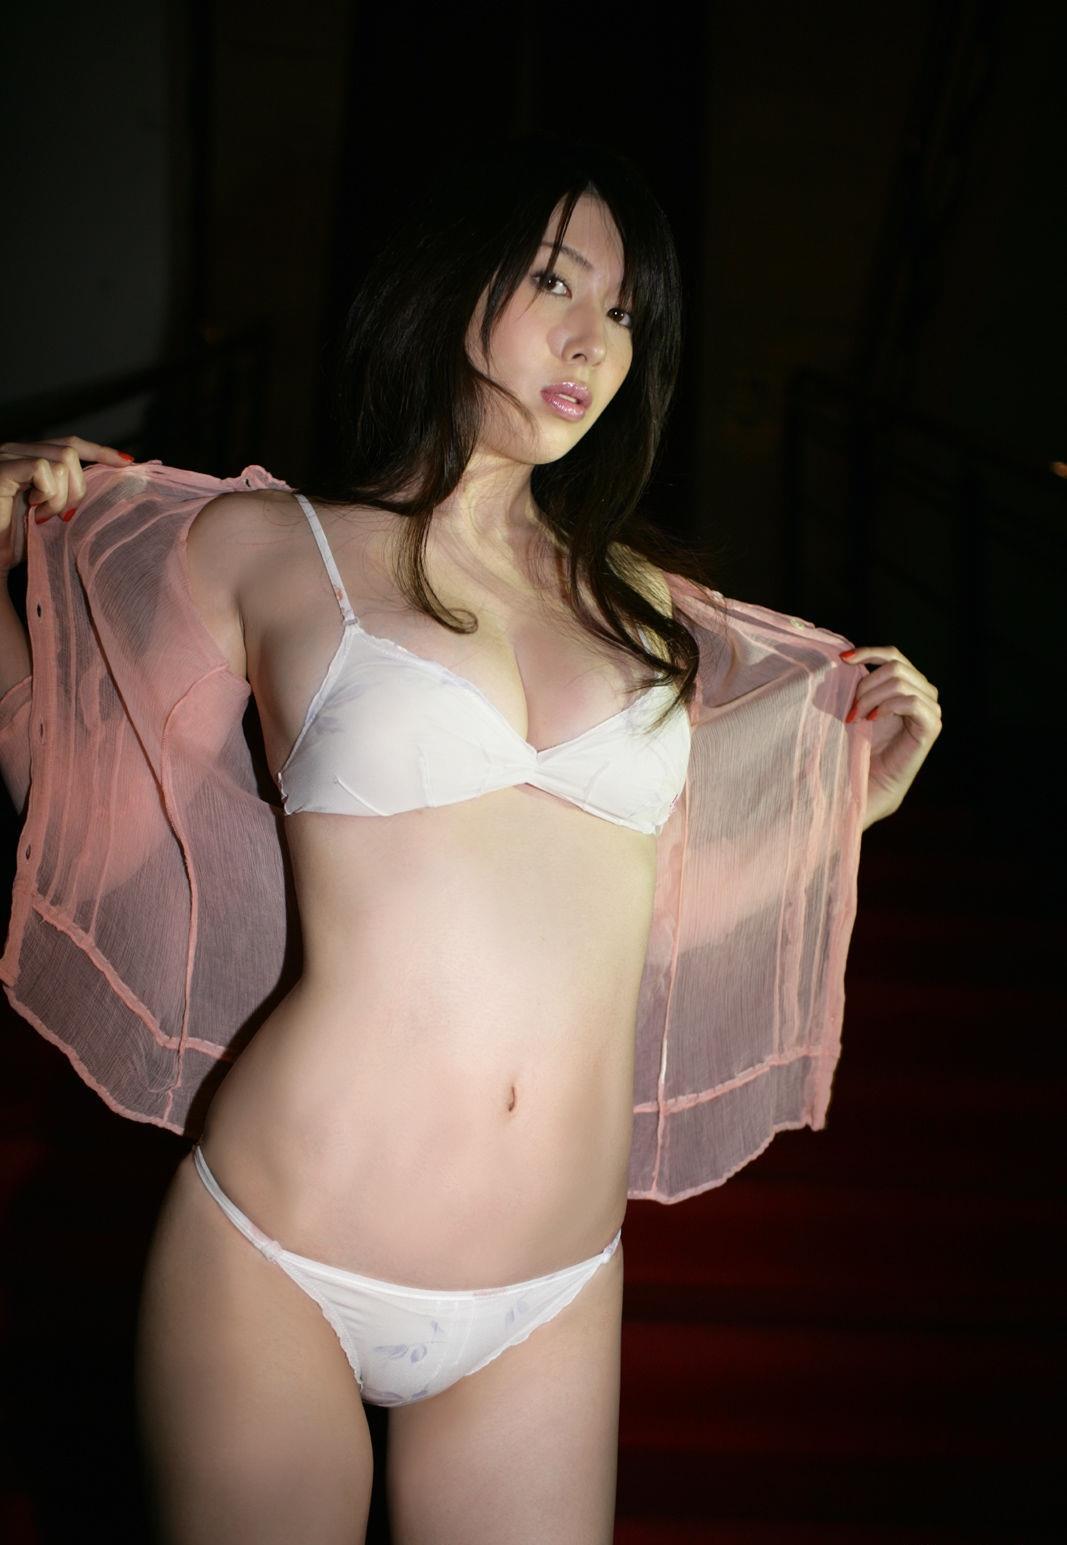 小林恵美 画像 58